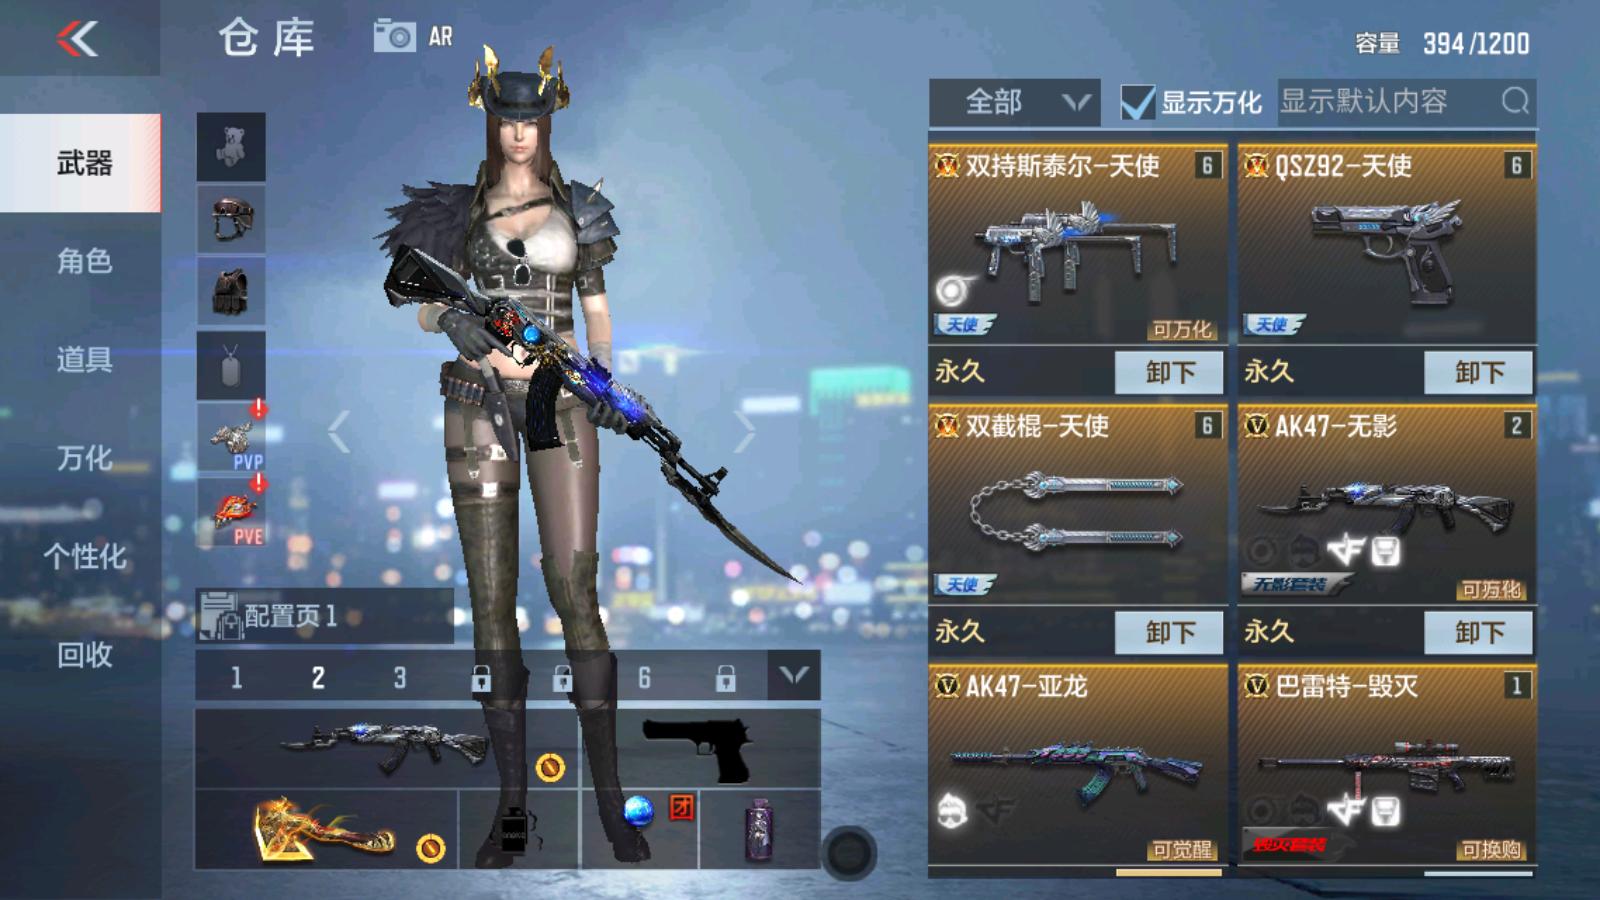 V3,16V,天使套装,毁灭套装,黑武士套装,擎天觉醒!详情看图!!